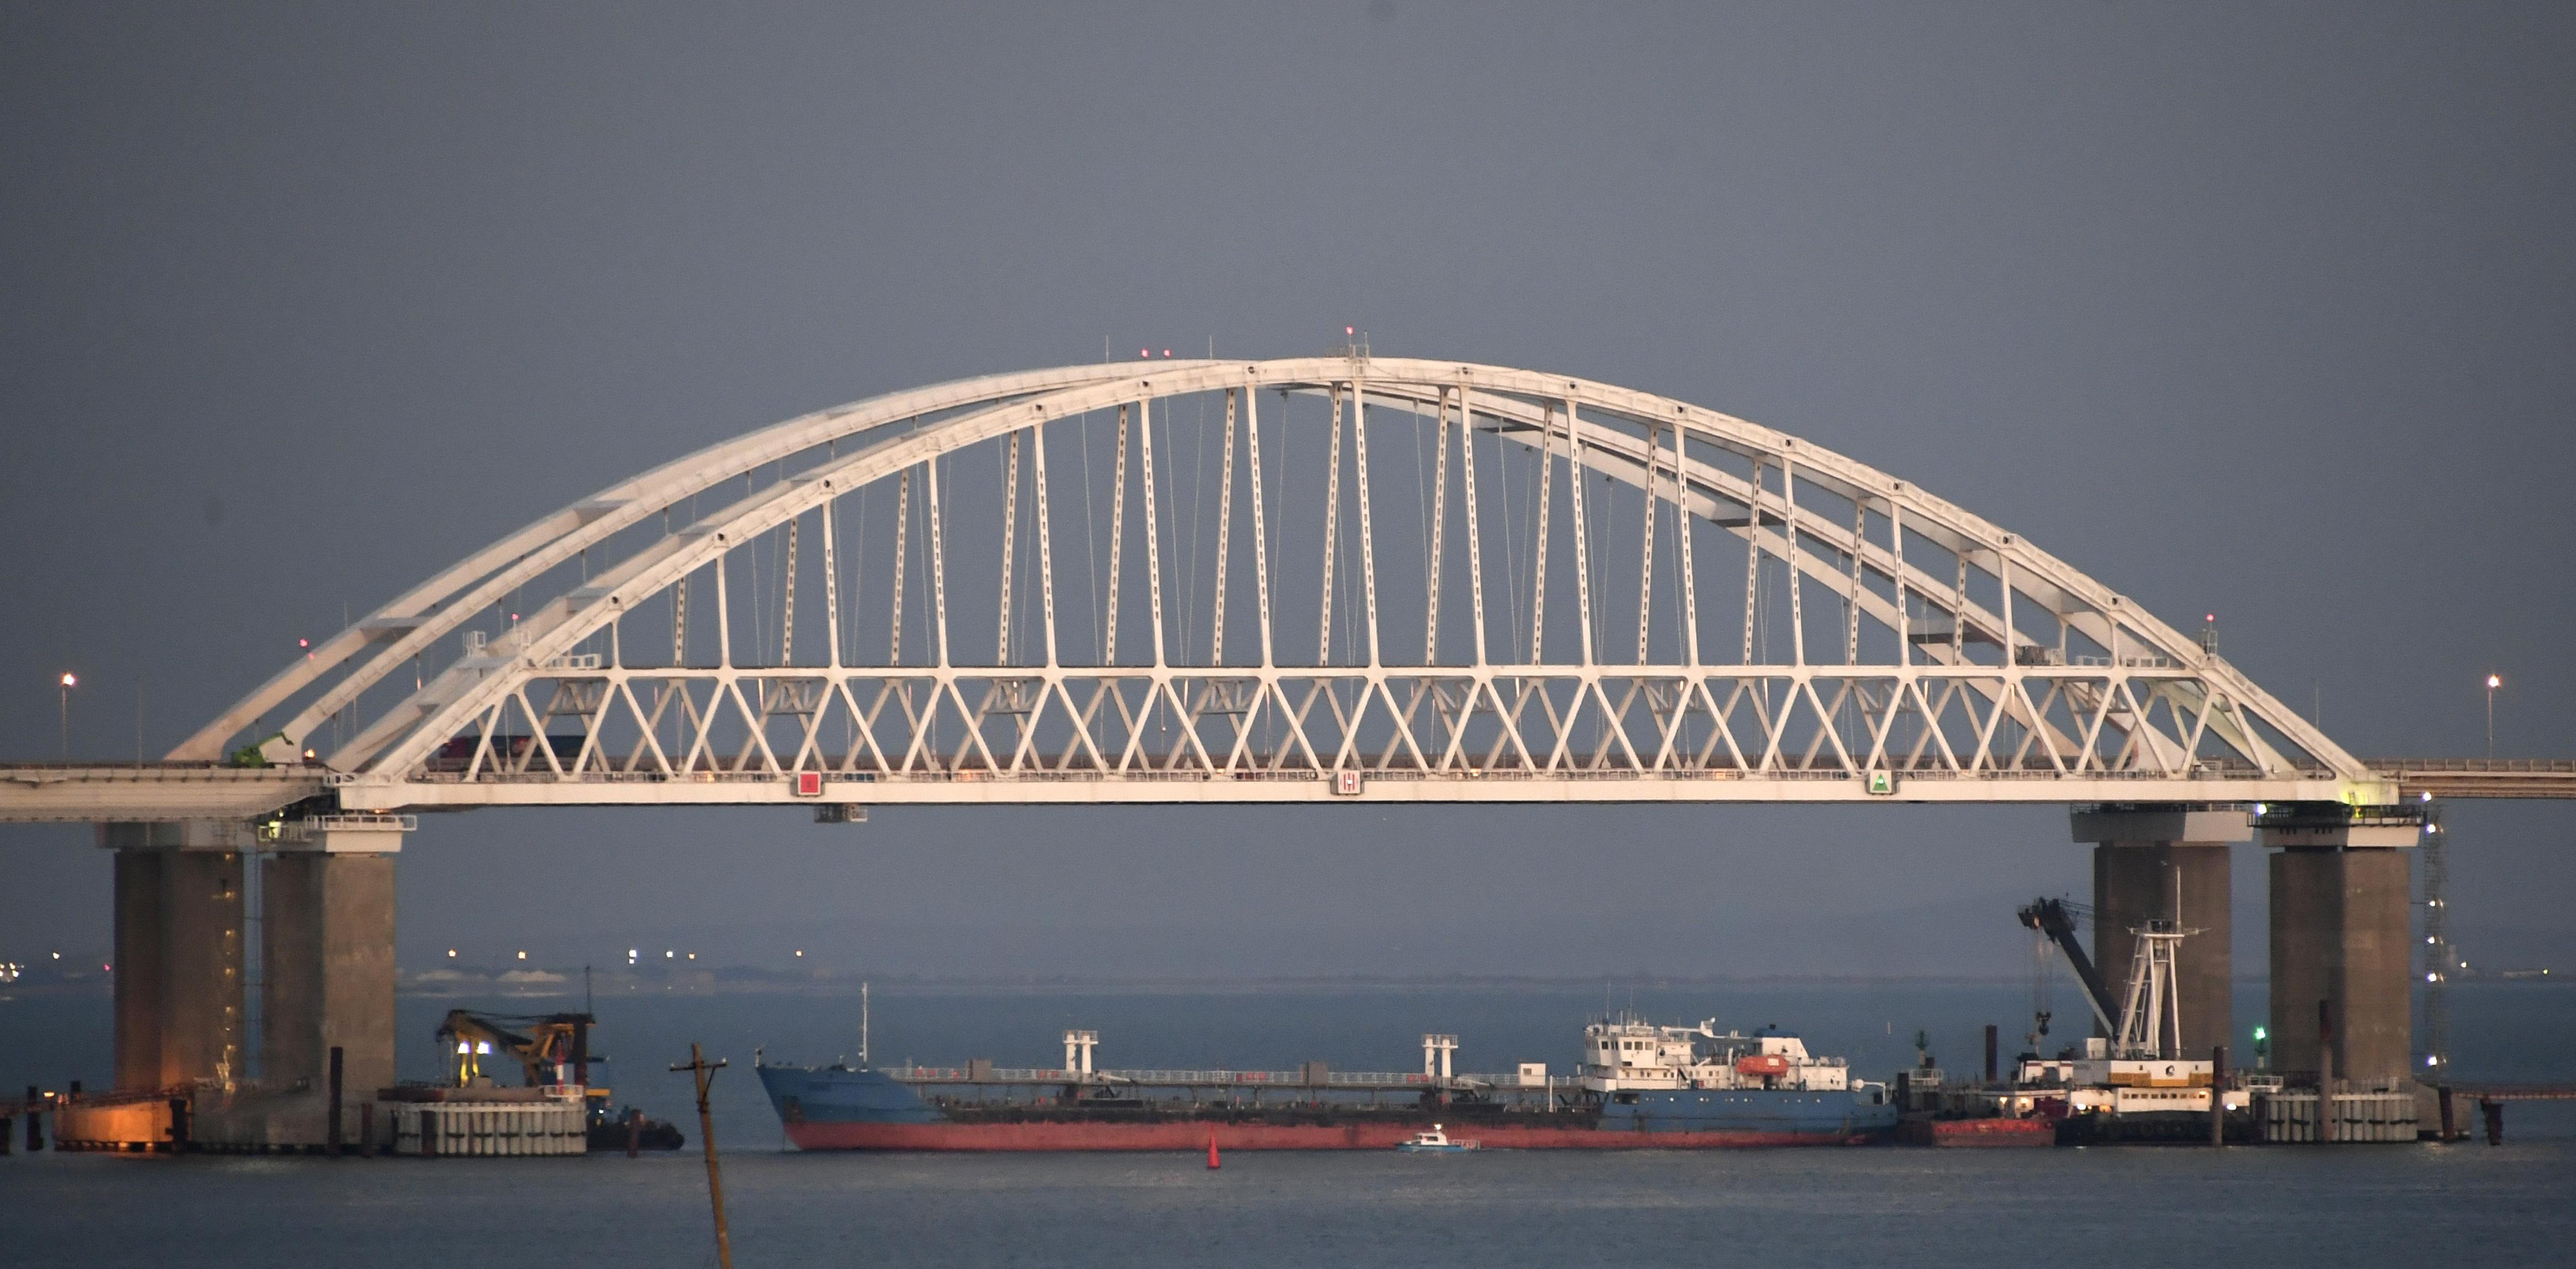 Ukraine seizes Russian tanker in Black Sea